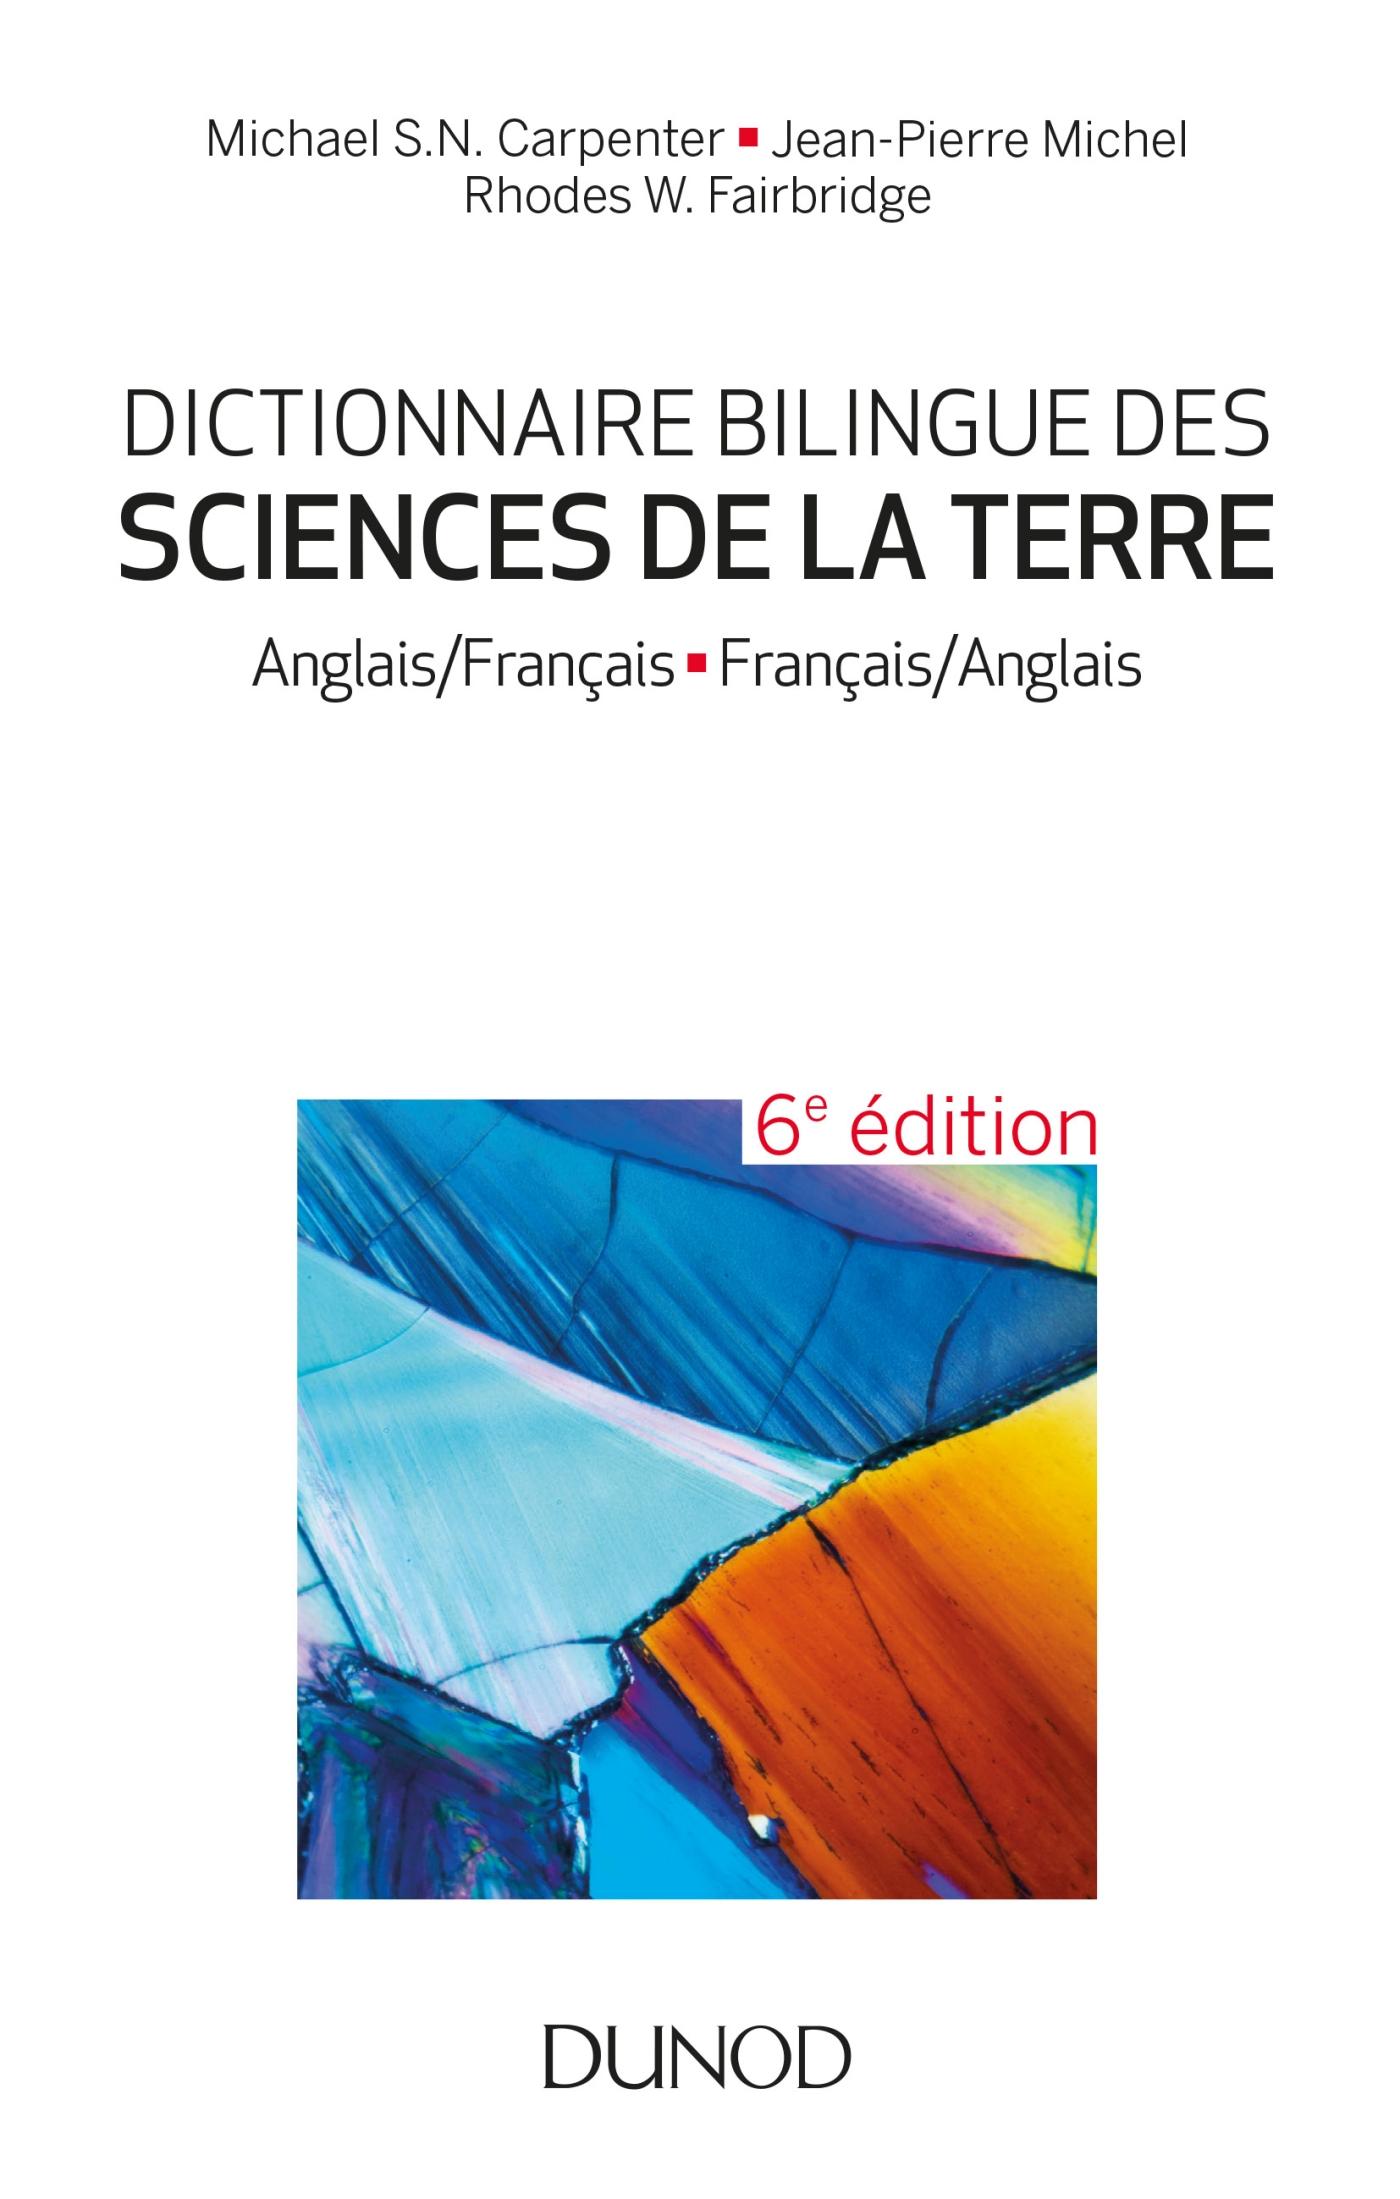 Dictionnaire bilingue des sciences de la Terre - 6e éd.